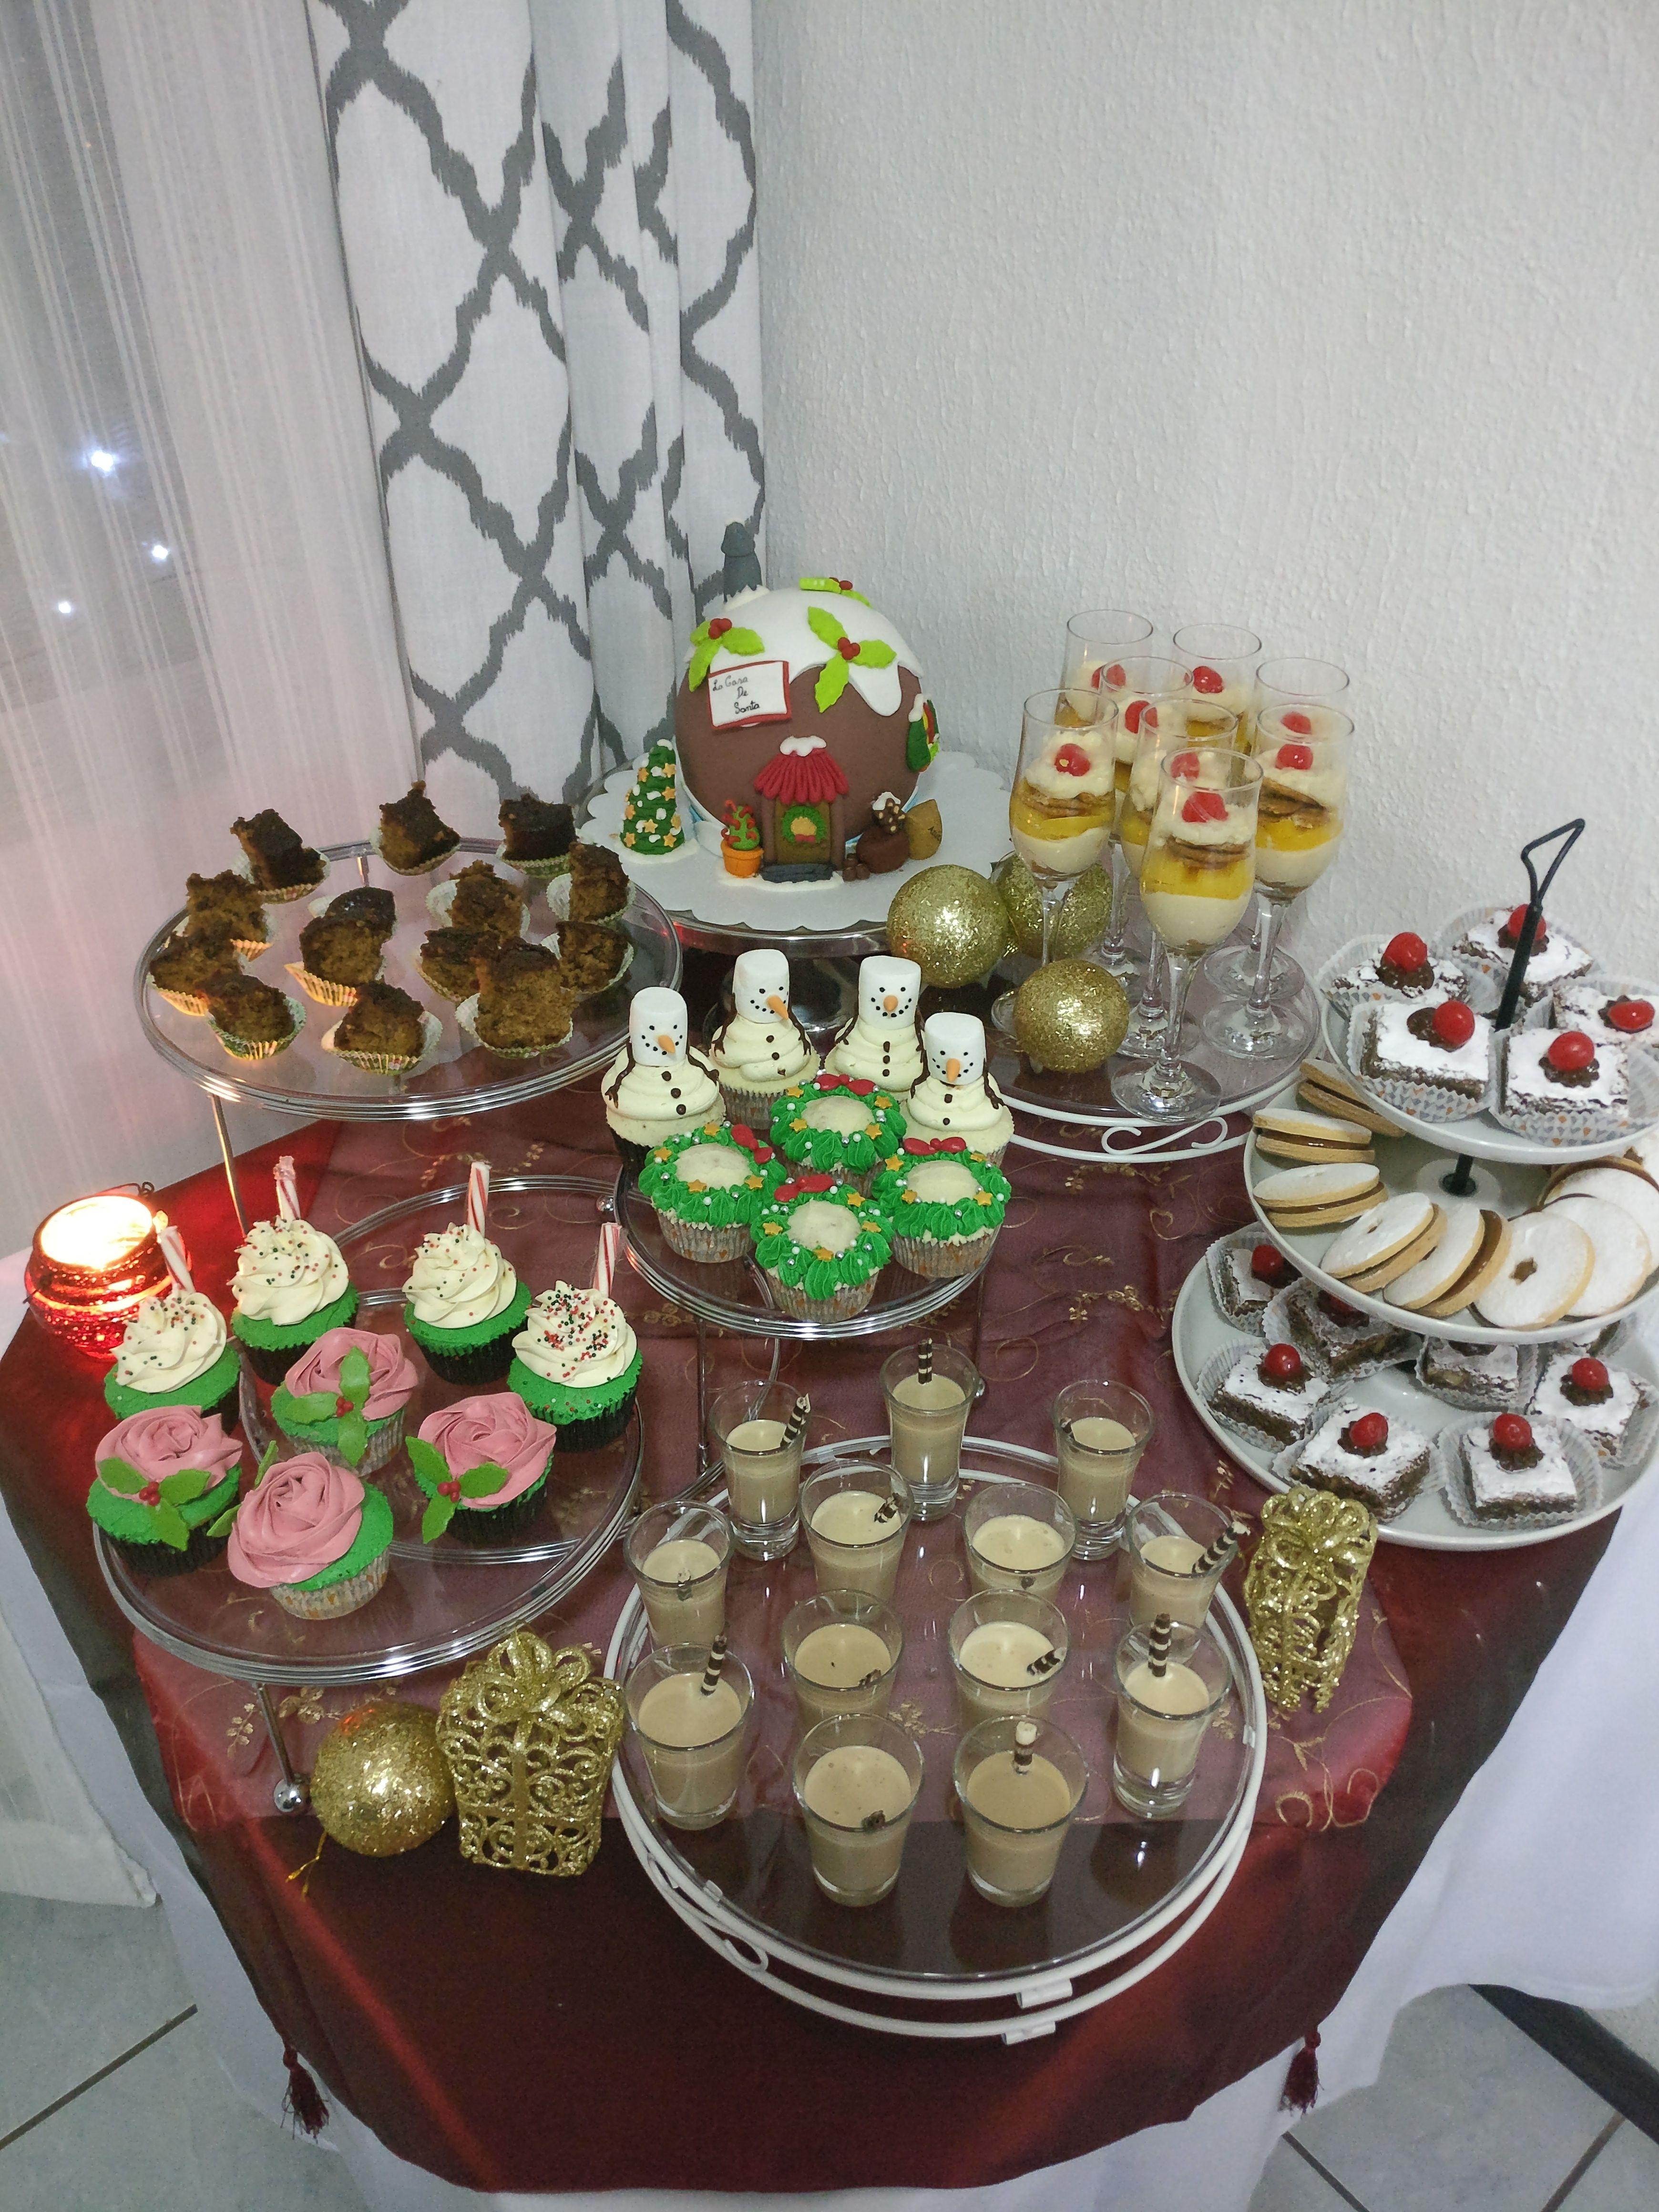 #bakeryfantasy #queques #galletas #postres #cupcakes #popcakes #quequenavideno #mesasdulces #cumpleanos #babyshower #primeracomunion #boda #despedidasoltera #exponoviabakeryfantasy